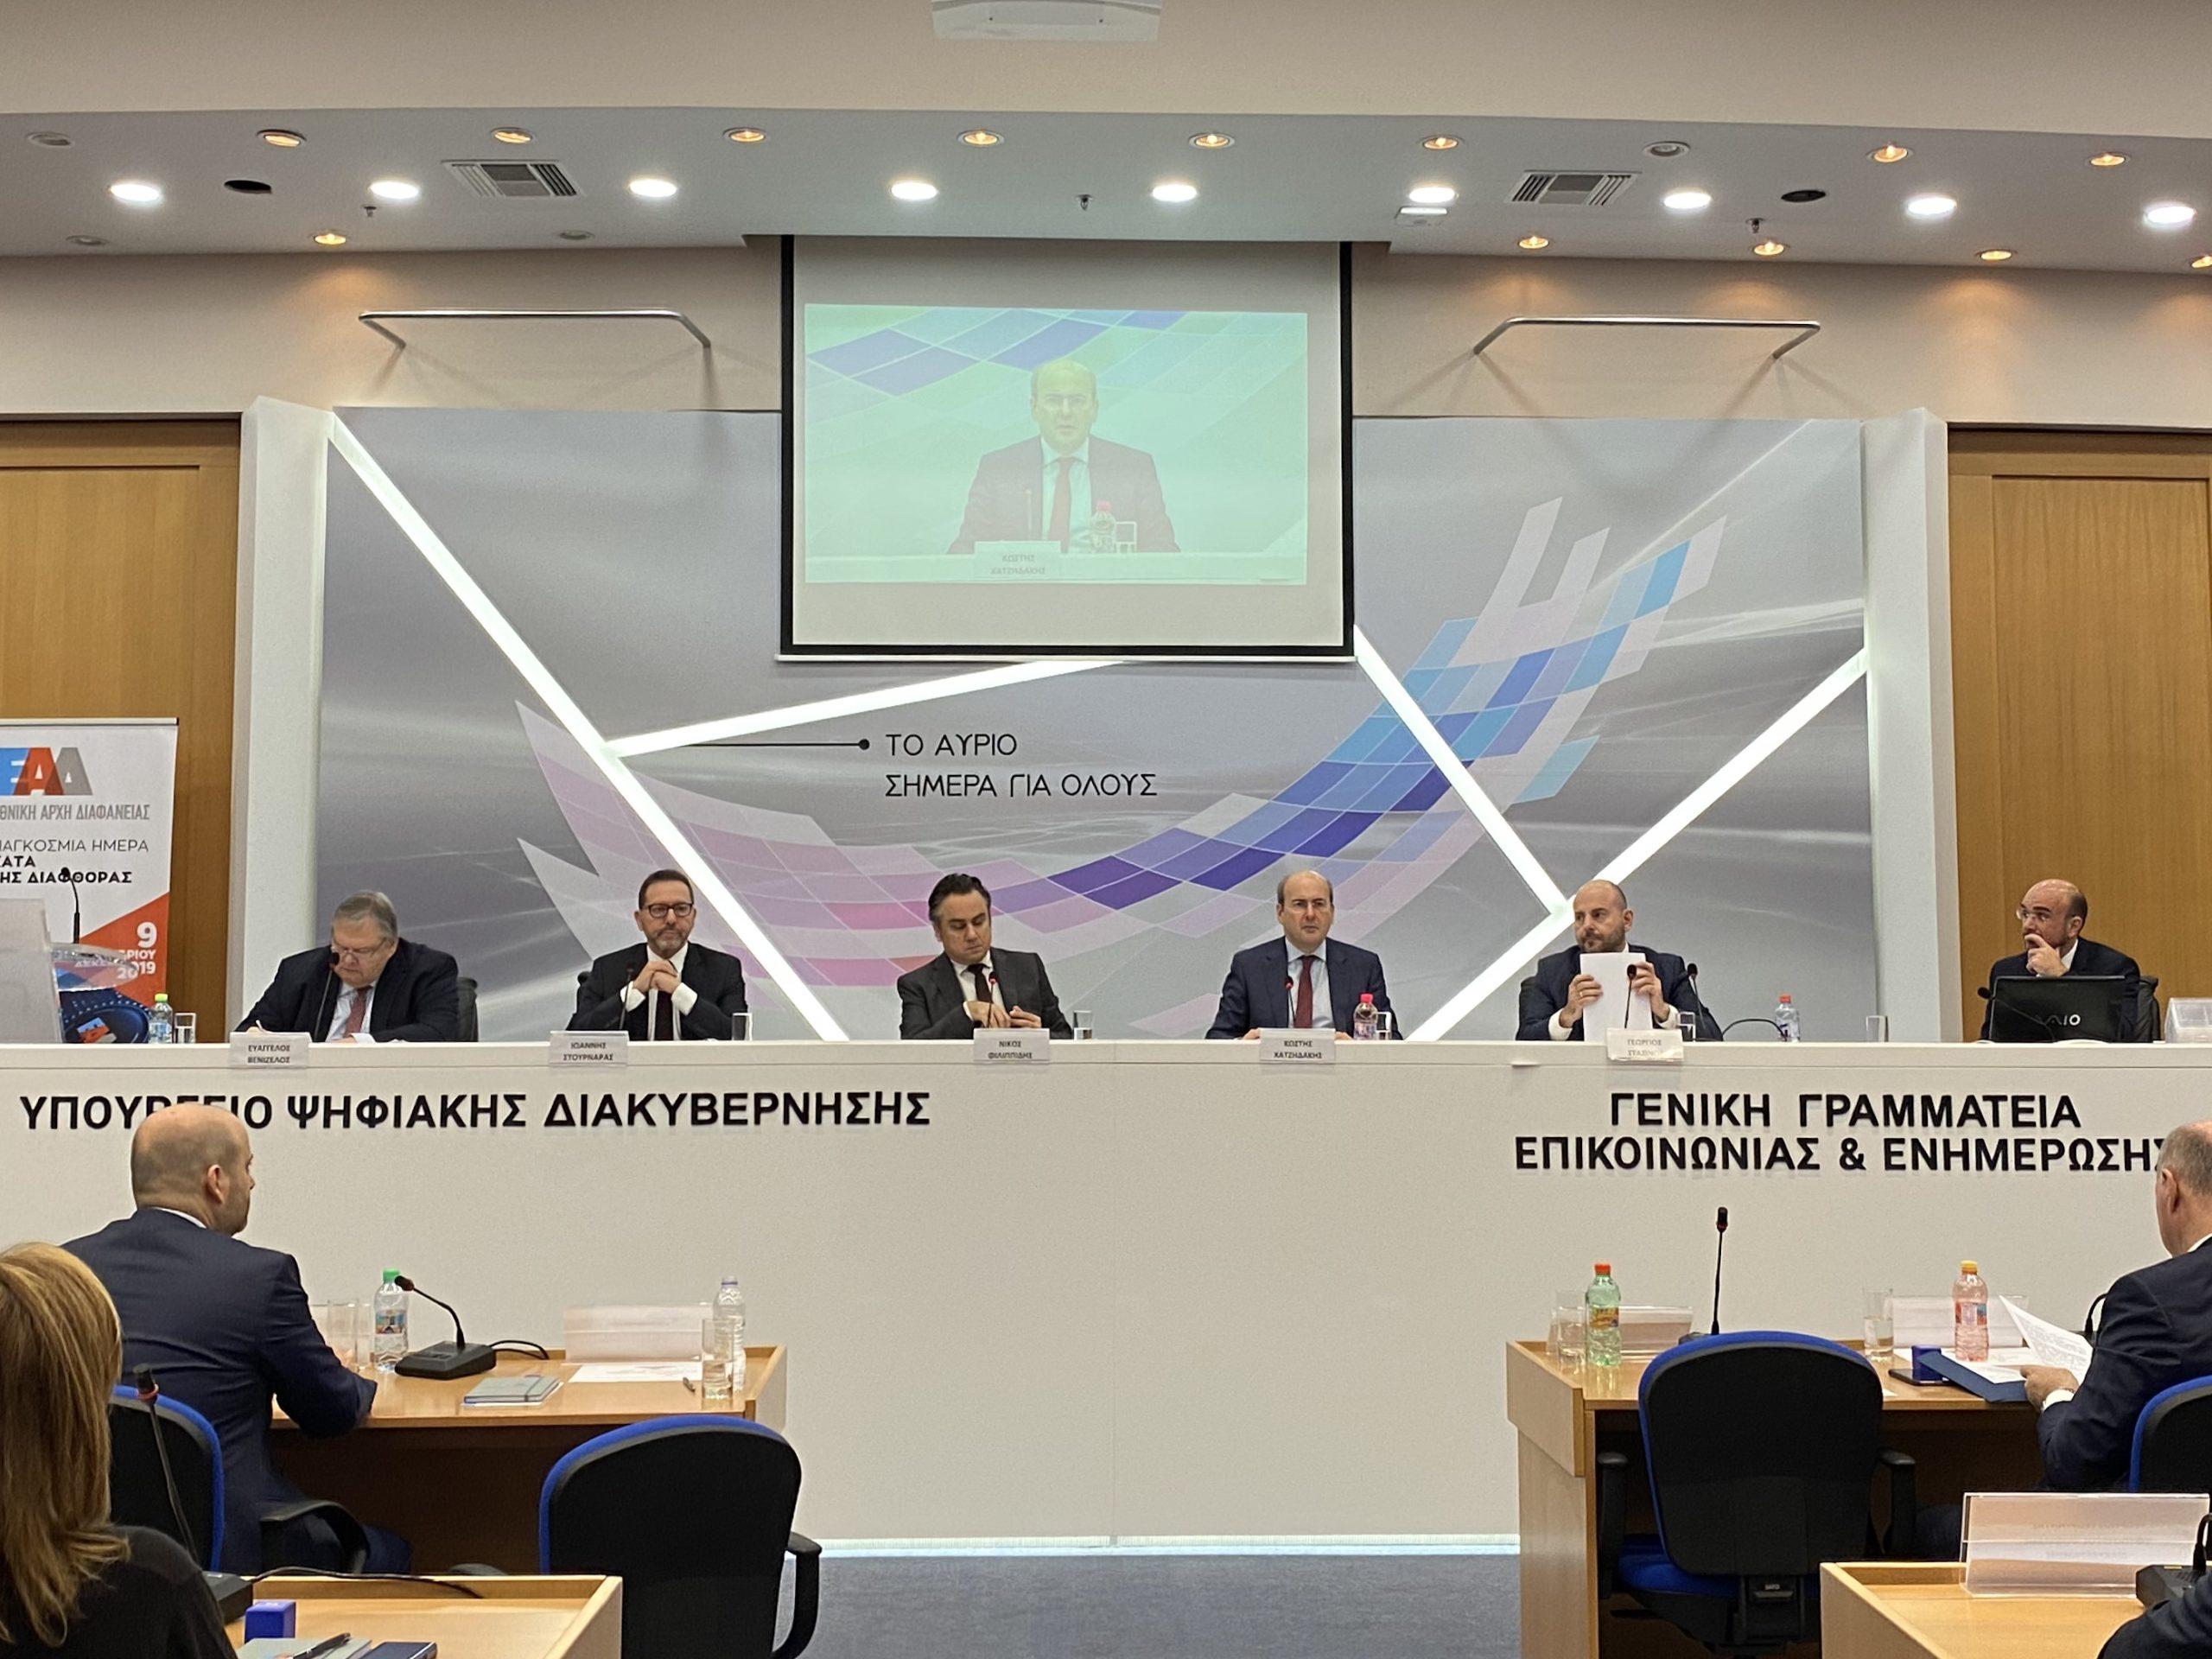 Κ. Χατζηδάκης: Ύποπτοι όσοι αντιδρούν στη διαφάνεια για το εμπόριο καυσίμων και τα απόβλητα